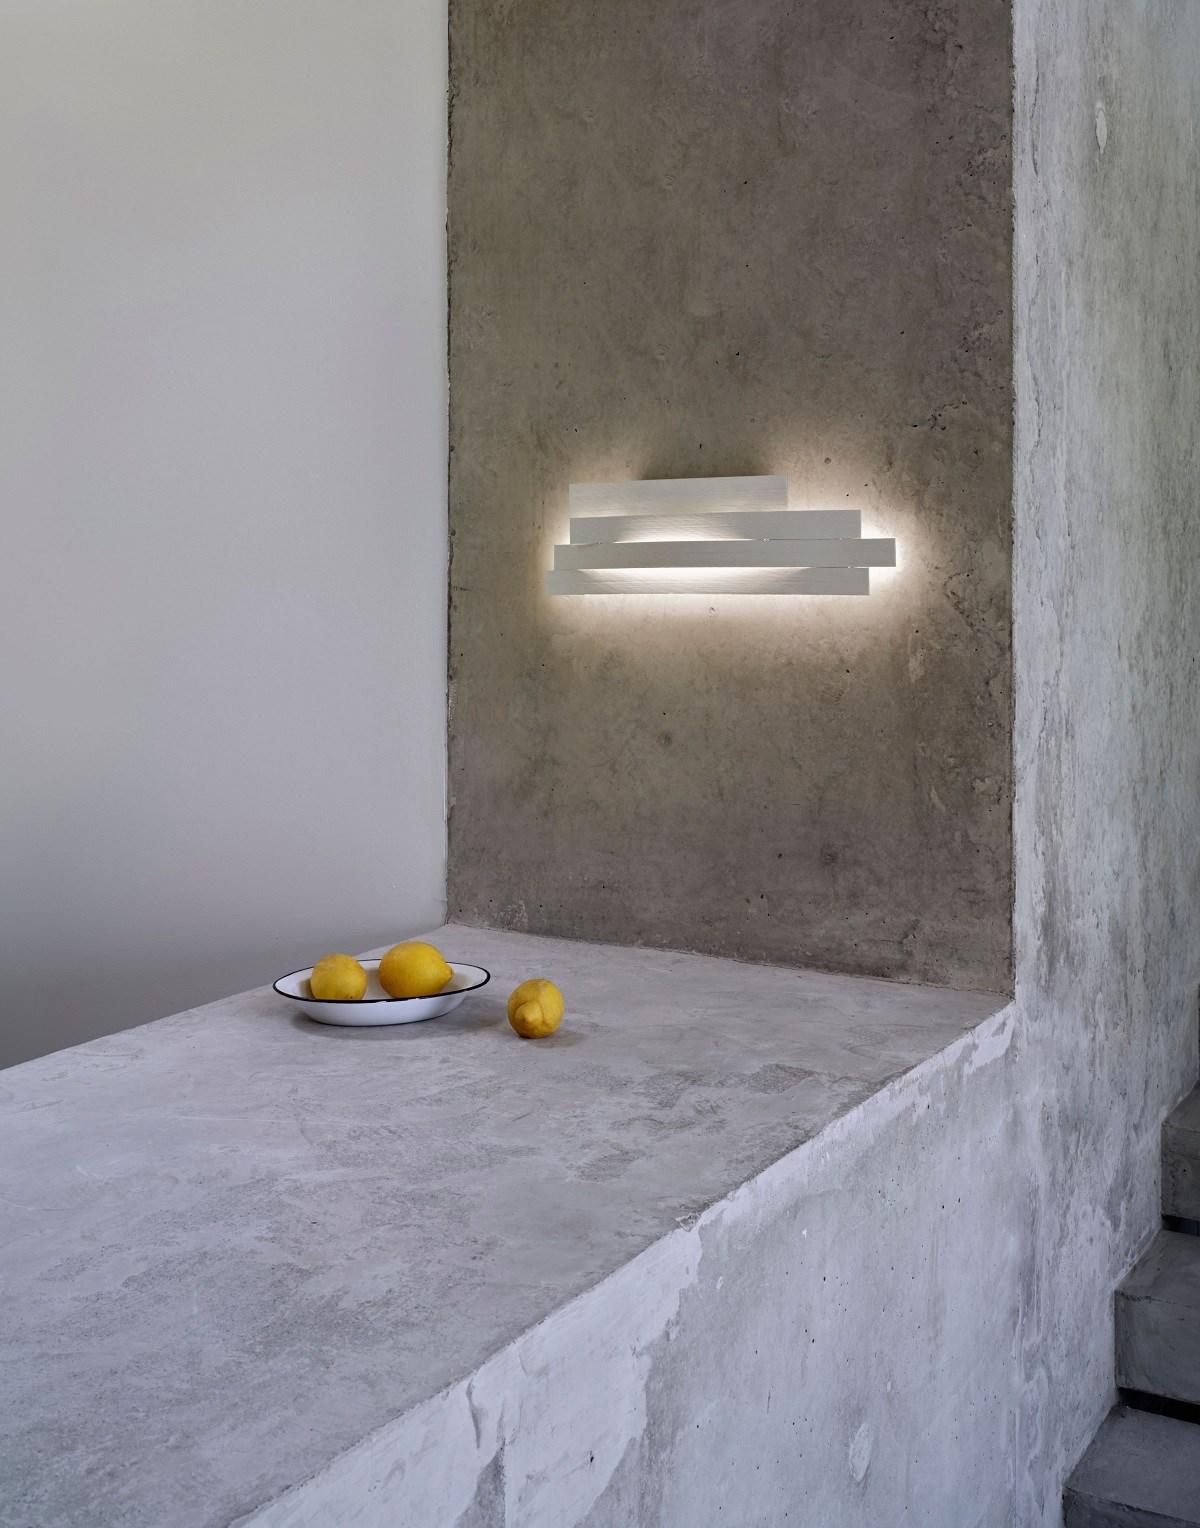 Arturo-Alvarez-Li-Wall-Lamp-Matisse-7